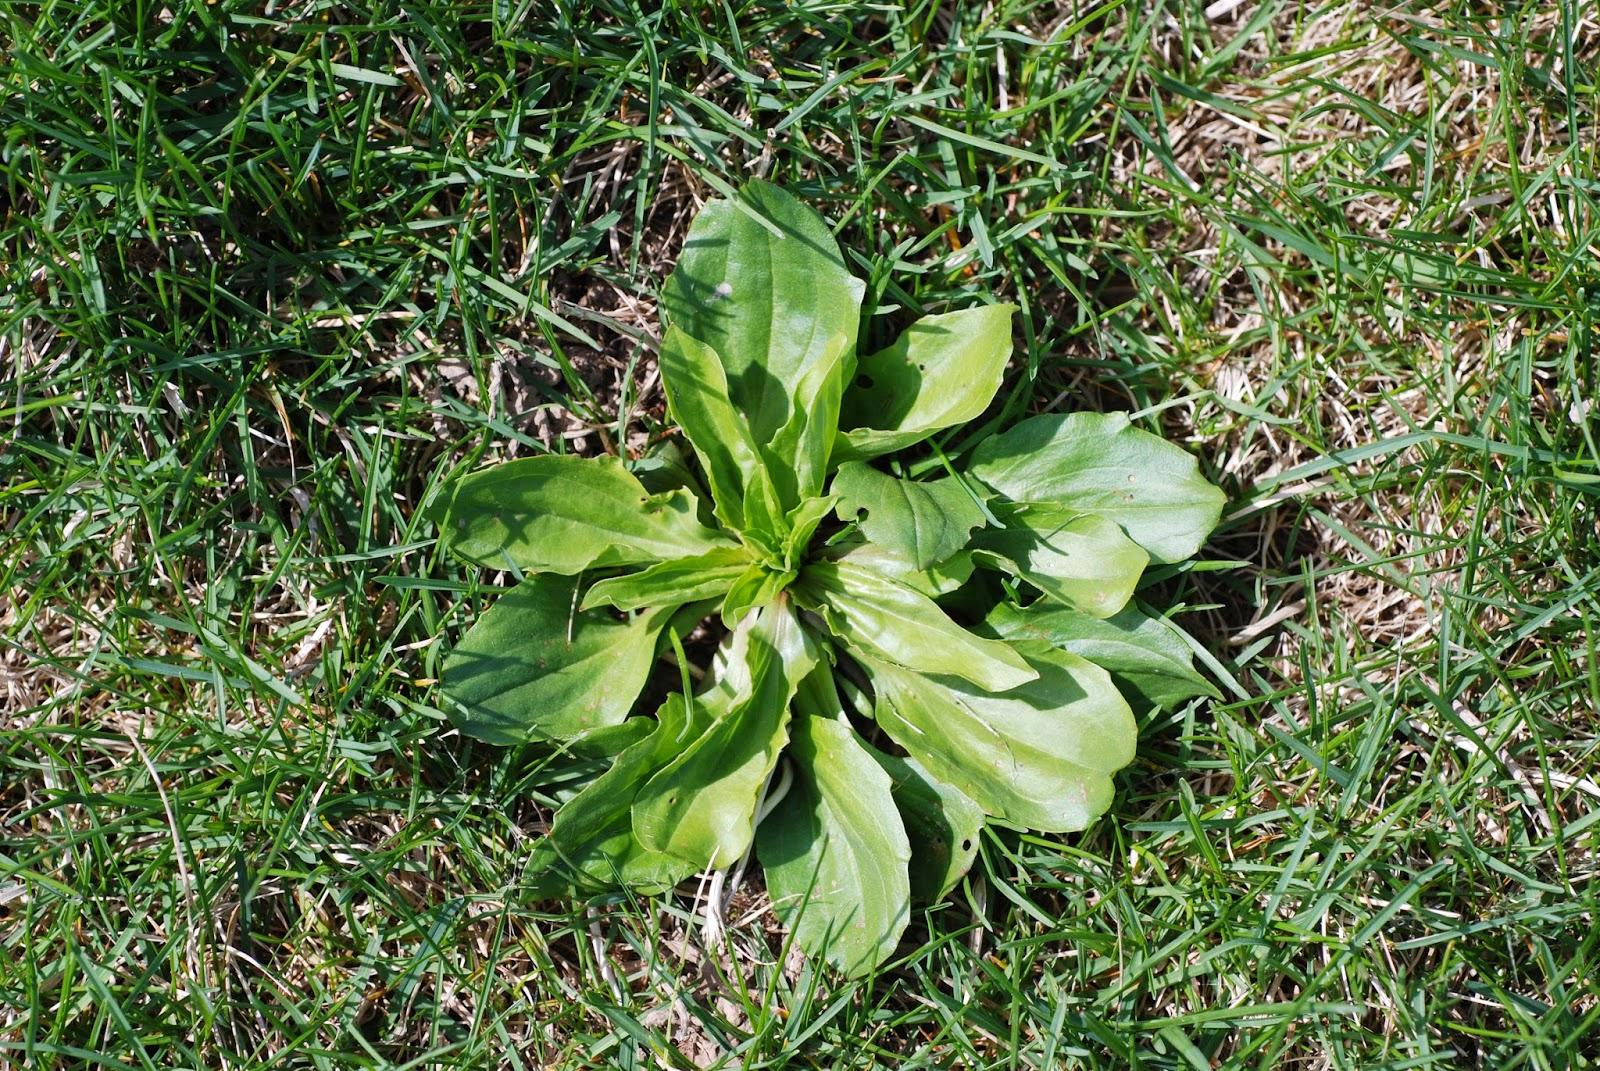 Broadleaf Plantain Weed